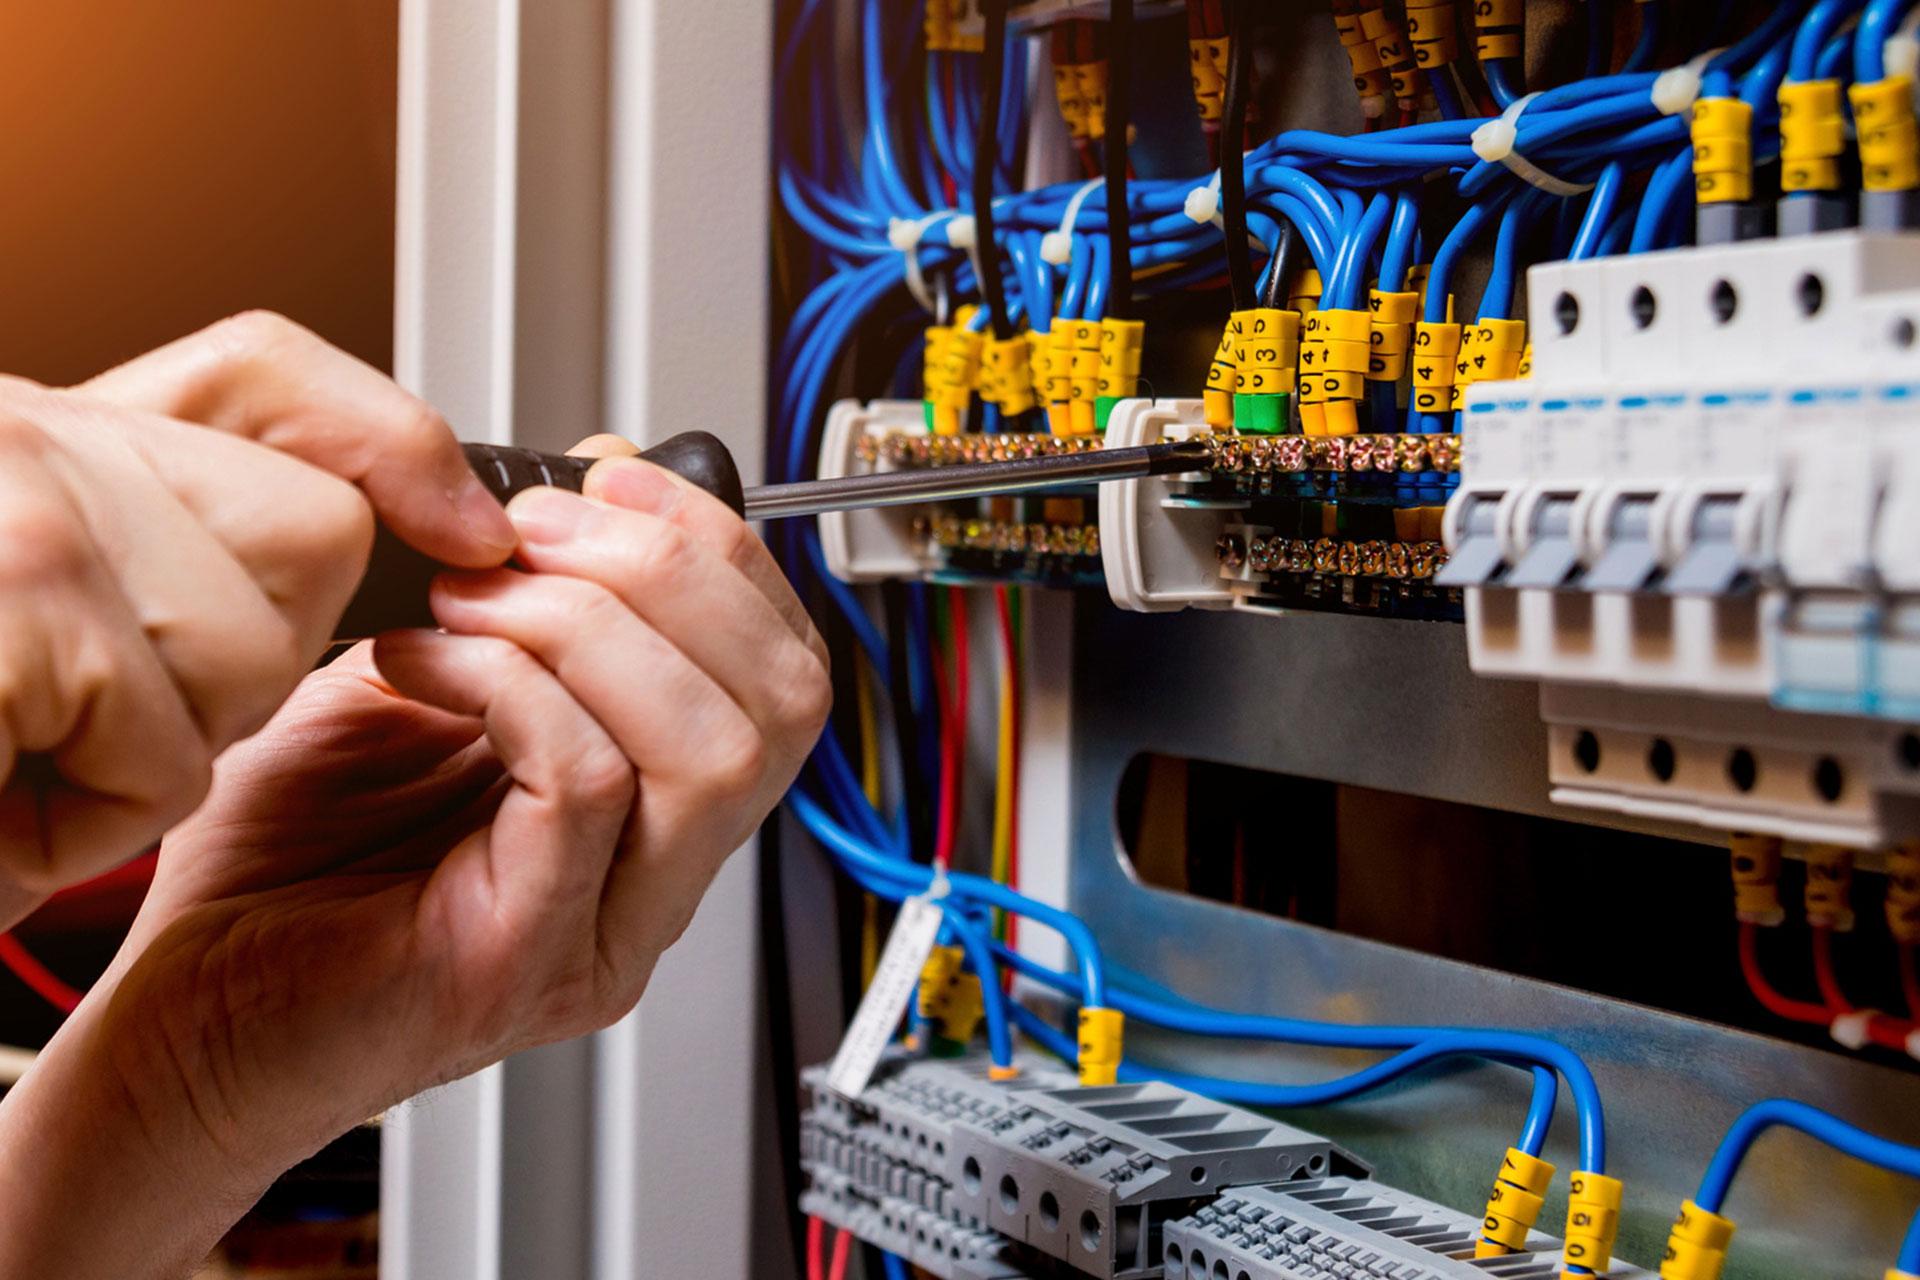 Электромонтажные работы на крупных коммерческих и промышленных объектах в Перми…